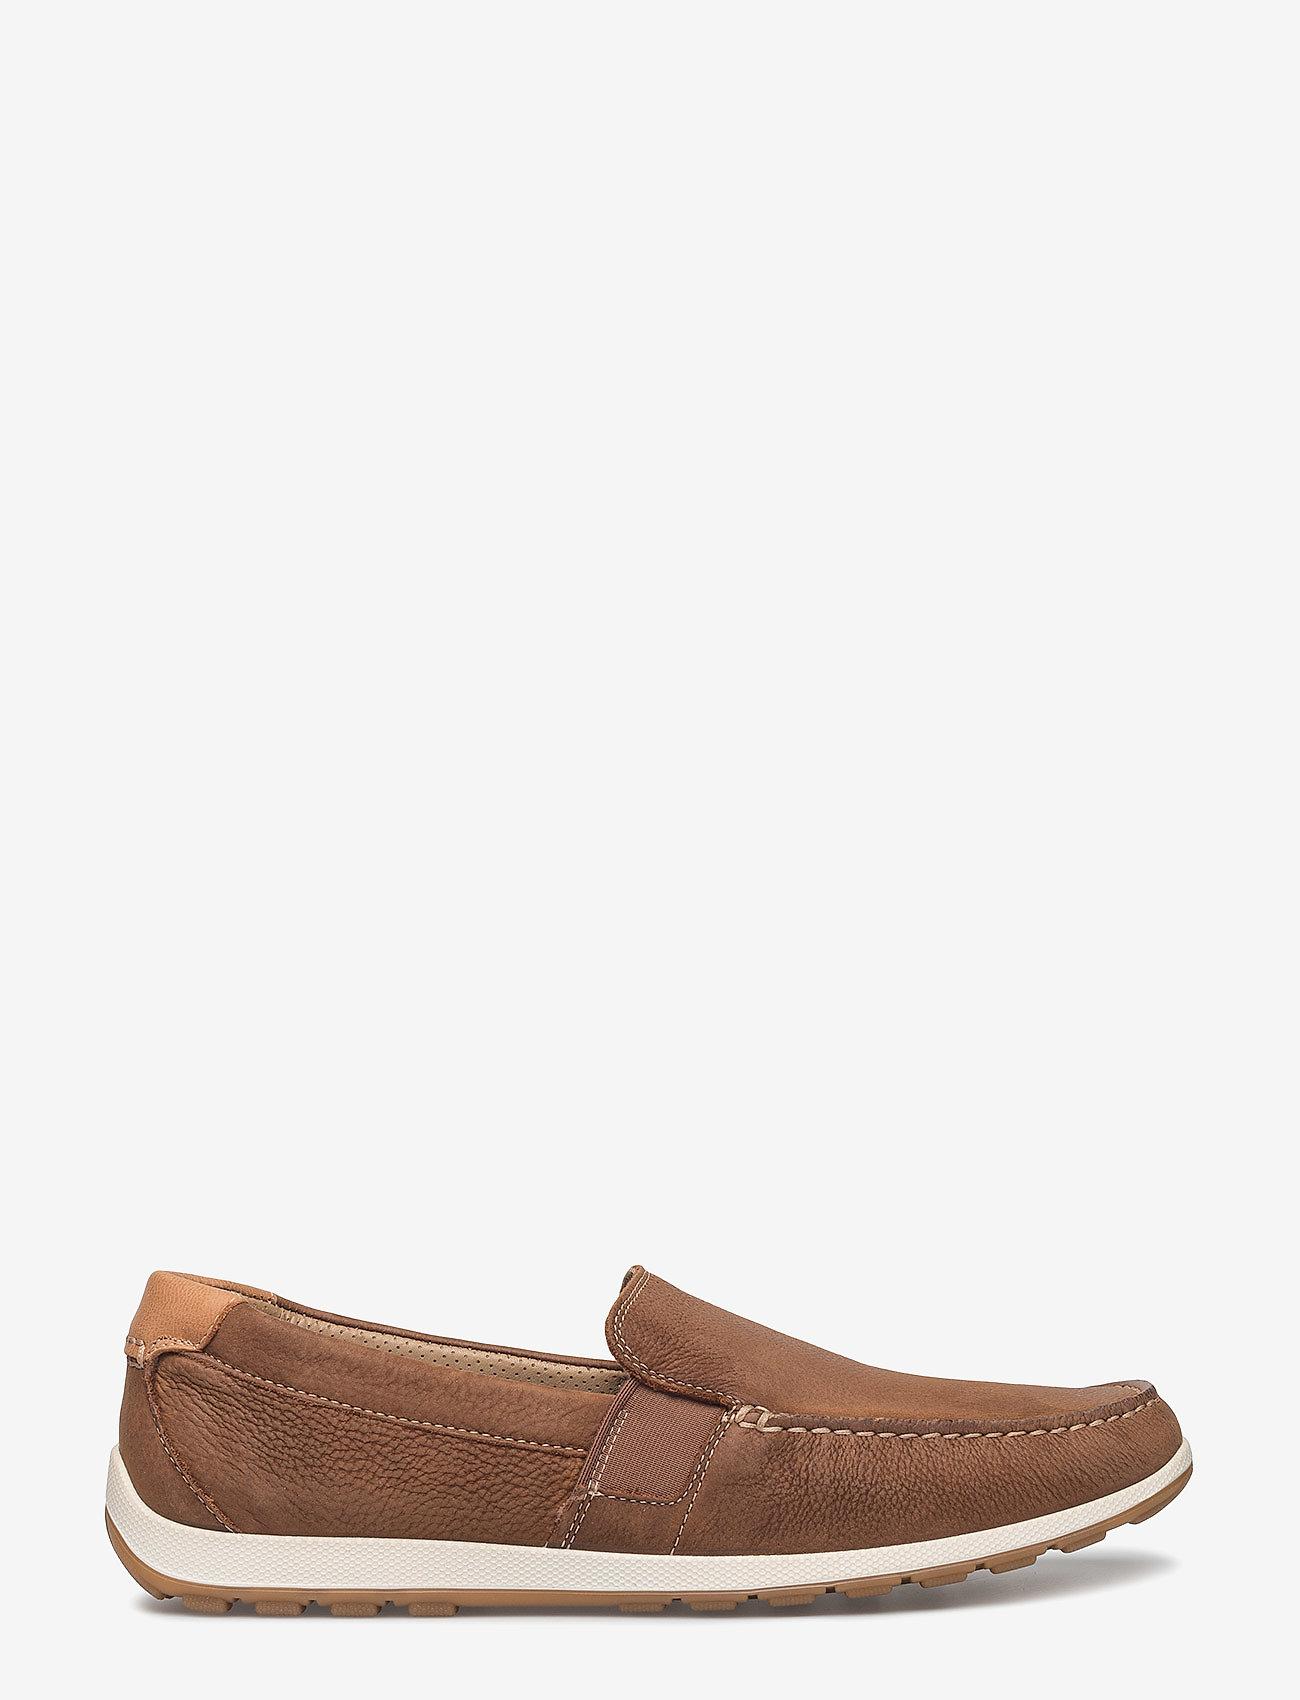 ECCO - RECIPRICO - loafers - mahogany - 1